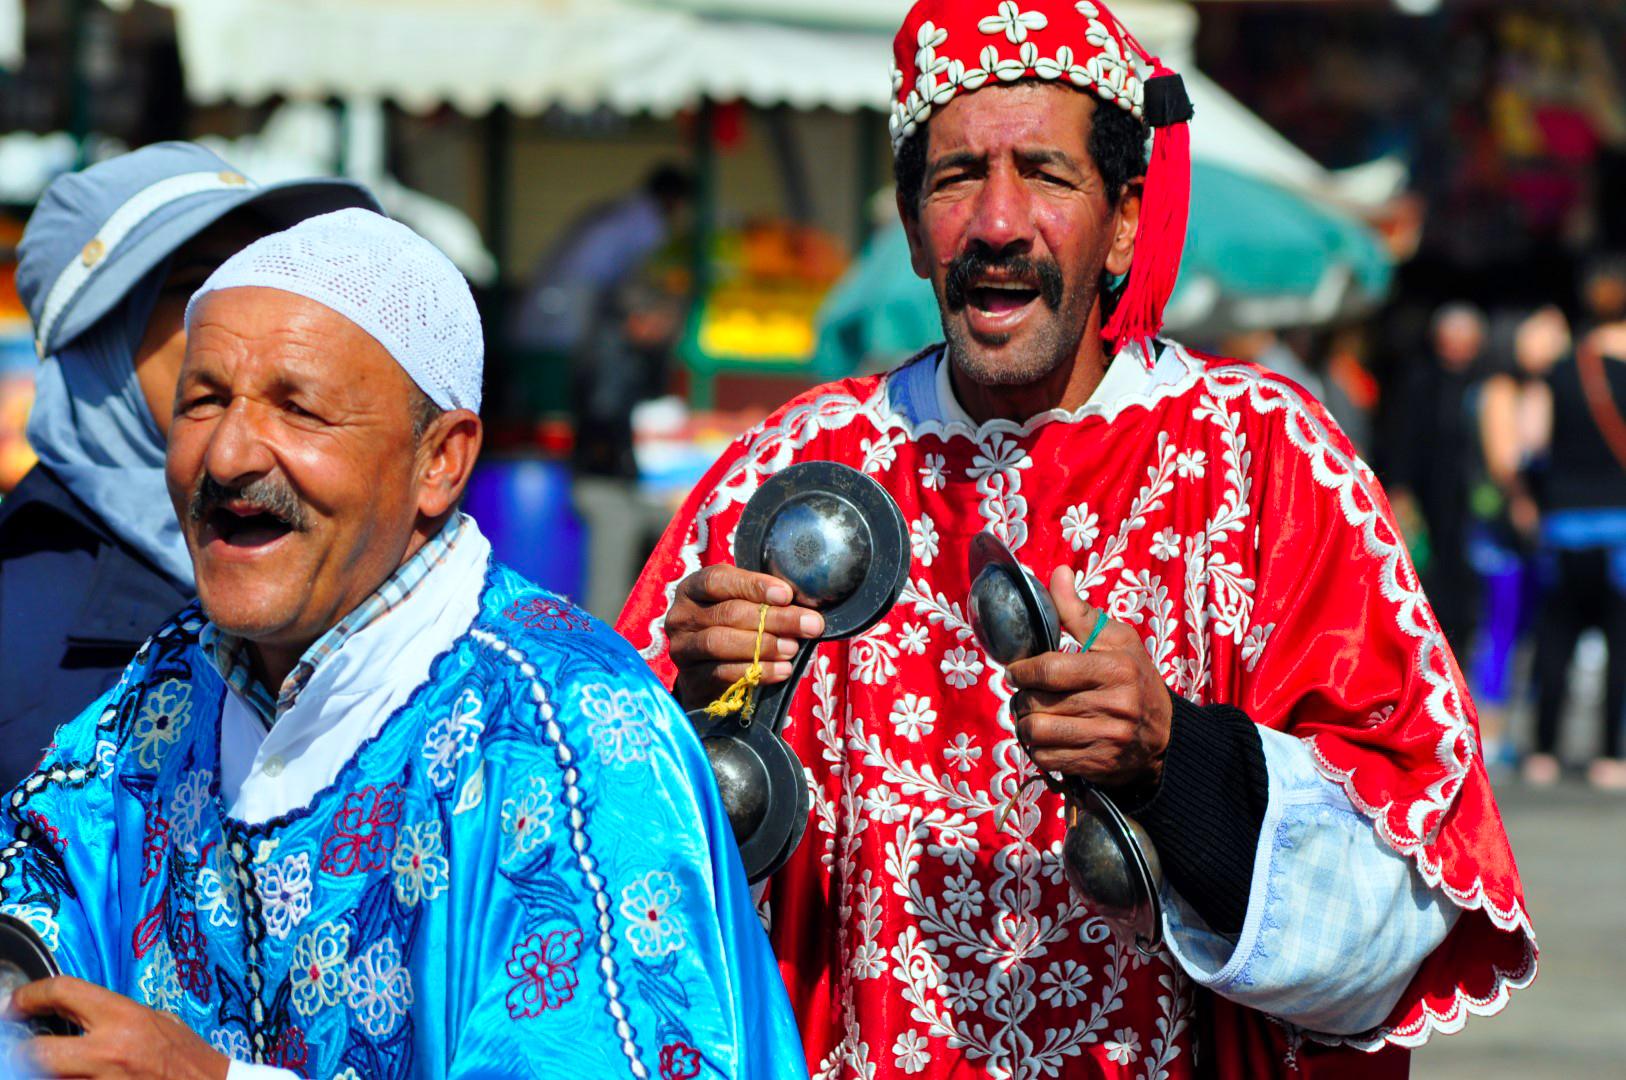 Qué ver en Marrakech, Marruecos - Morocco qué ver en marrakech - 30999589856 b3cae87f6d o - Qué ver en Marrakech, Marruecos